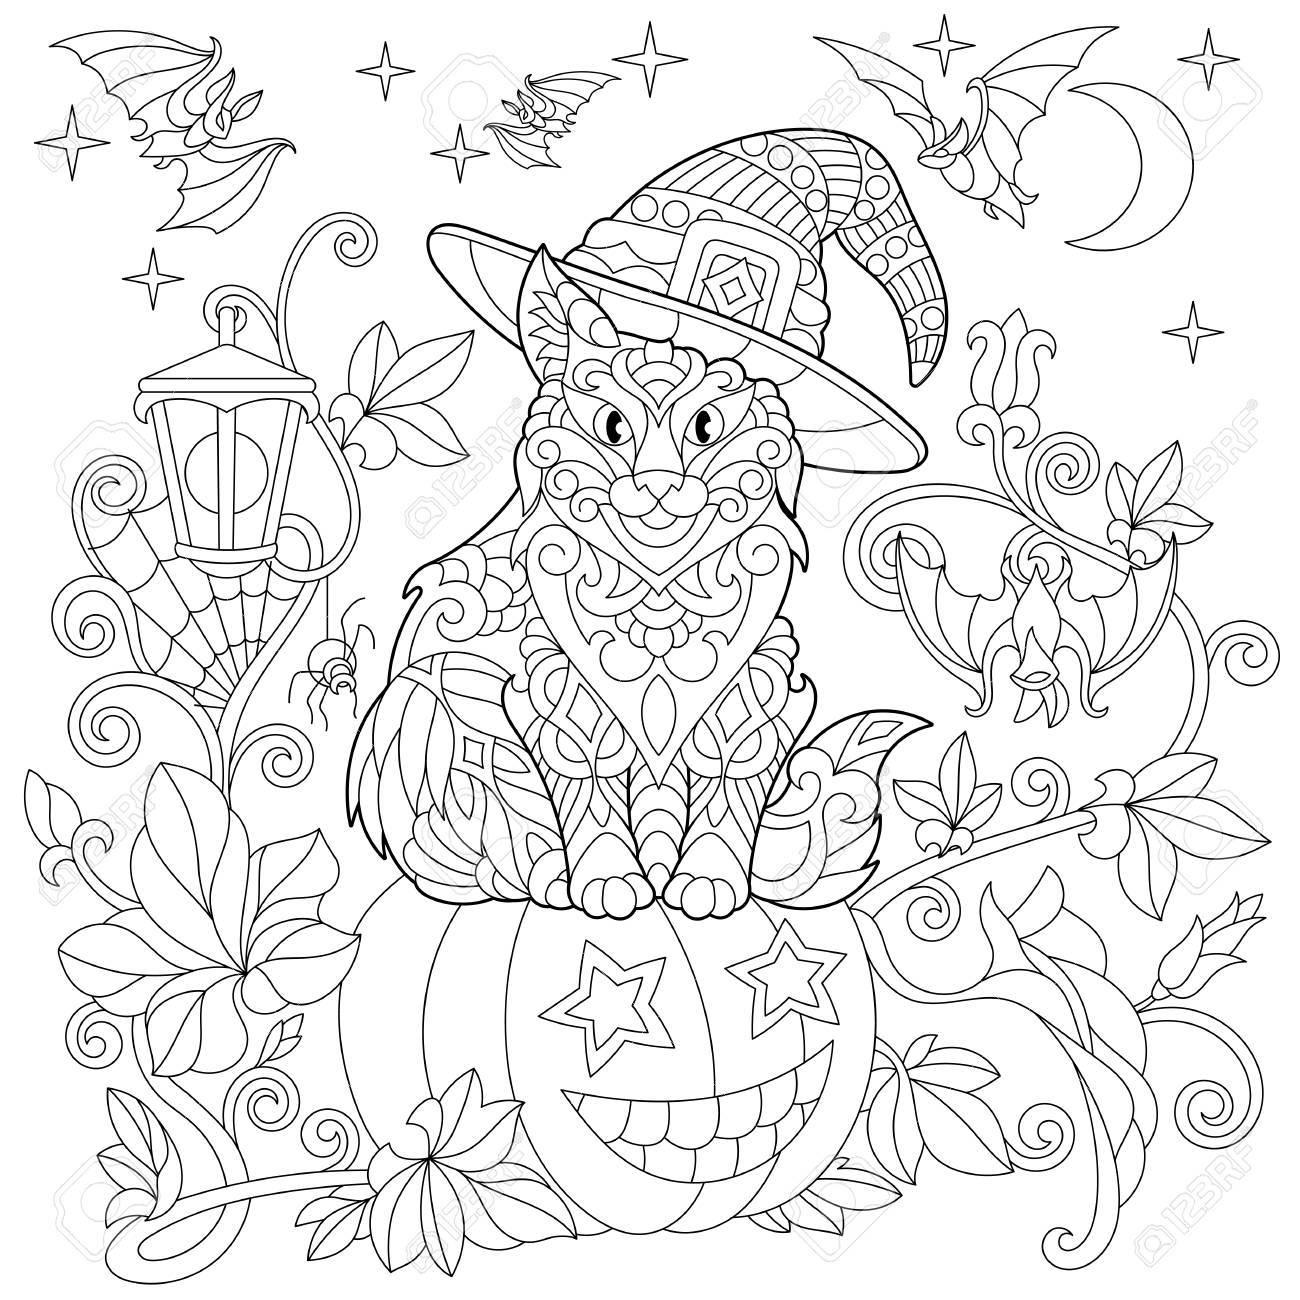 Halloween Malvorlagen Katze In Einem Hut Halloween Kurbis Fliegende Fledermause Spinnennetz Hangende Laterne Mond Und Sterne Freihandskizze Zeichnung Fur Erwachsene Antistress Malbuch Lizenzfrei Nutzbare Vektorgrafiken Clip Arts Illustrationen